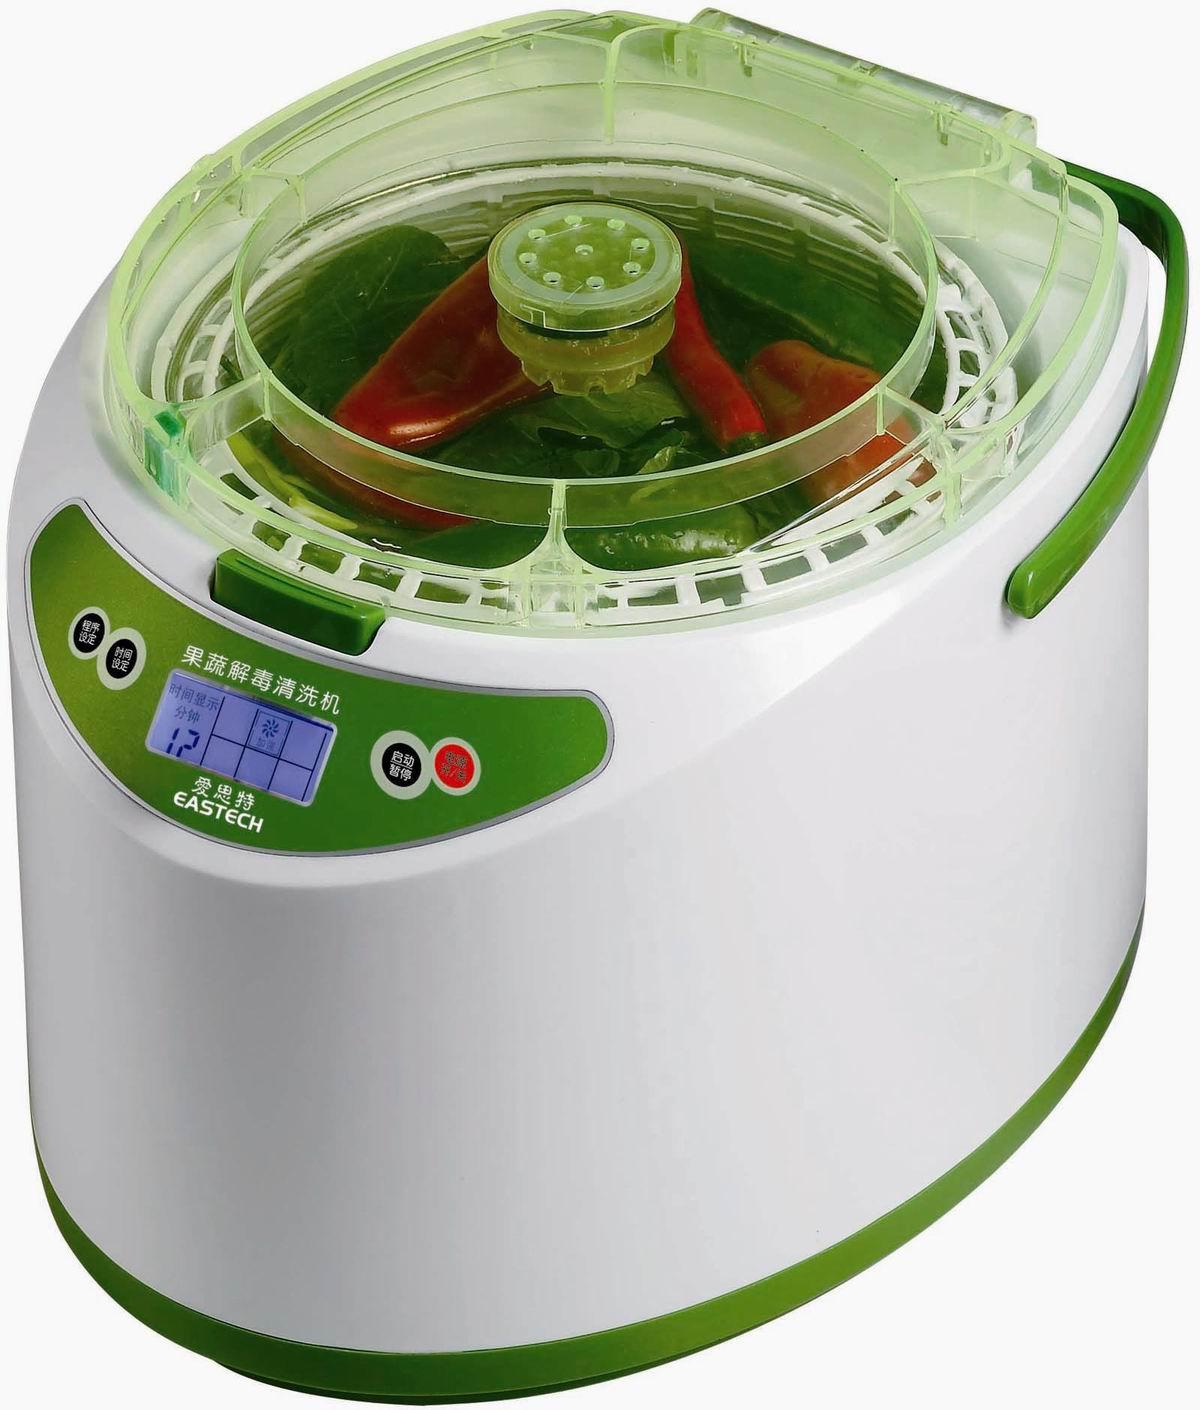 洗菜机的工业用途